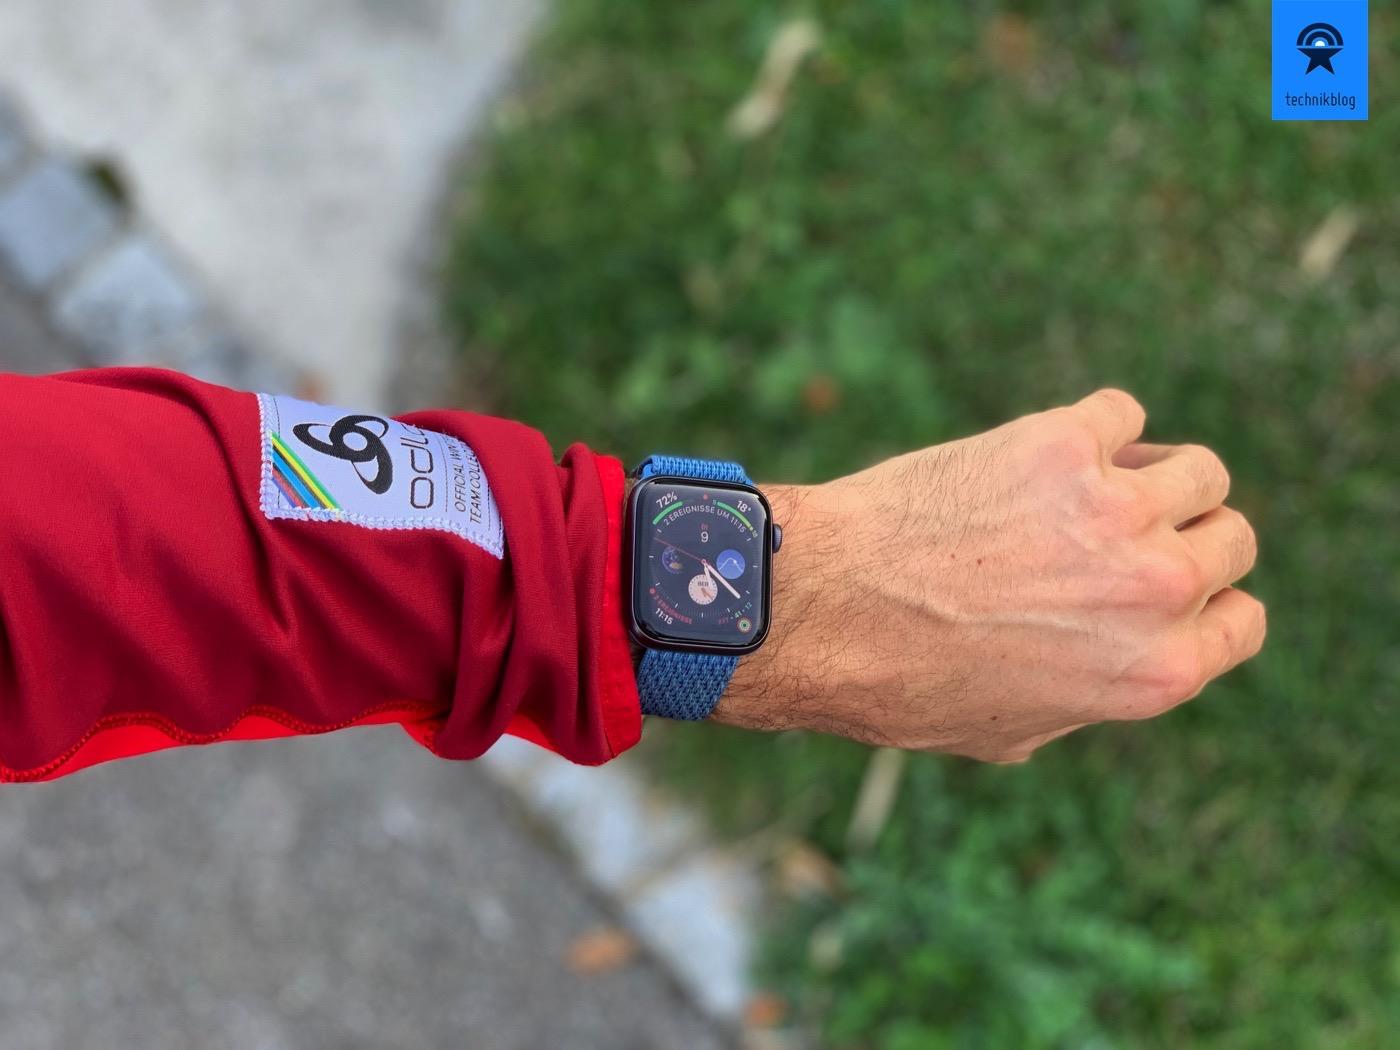 Apple Watch Series 4 als Sportuhr